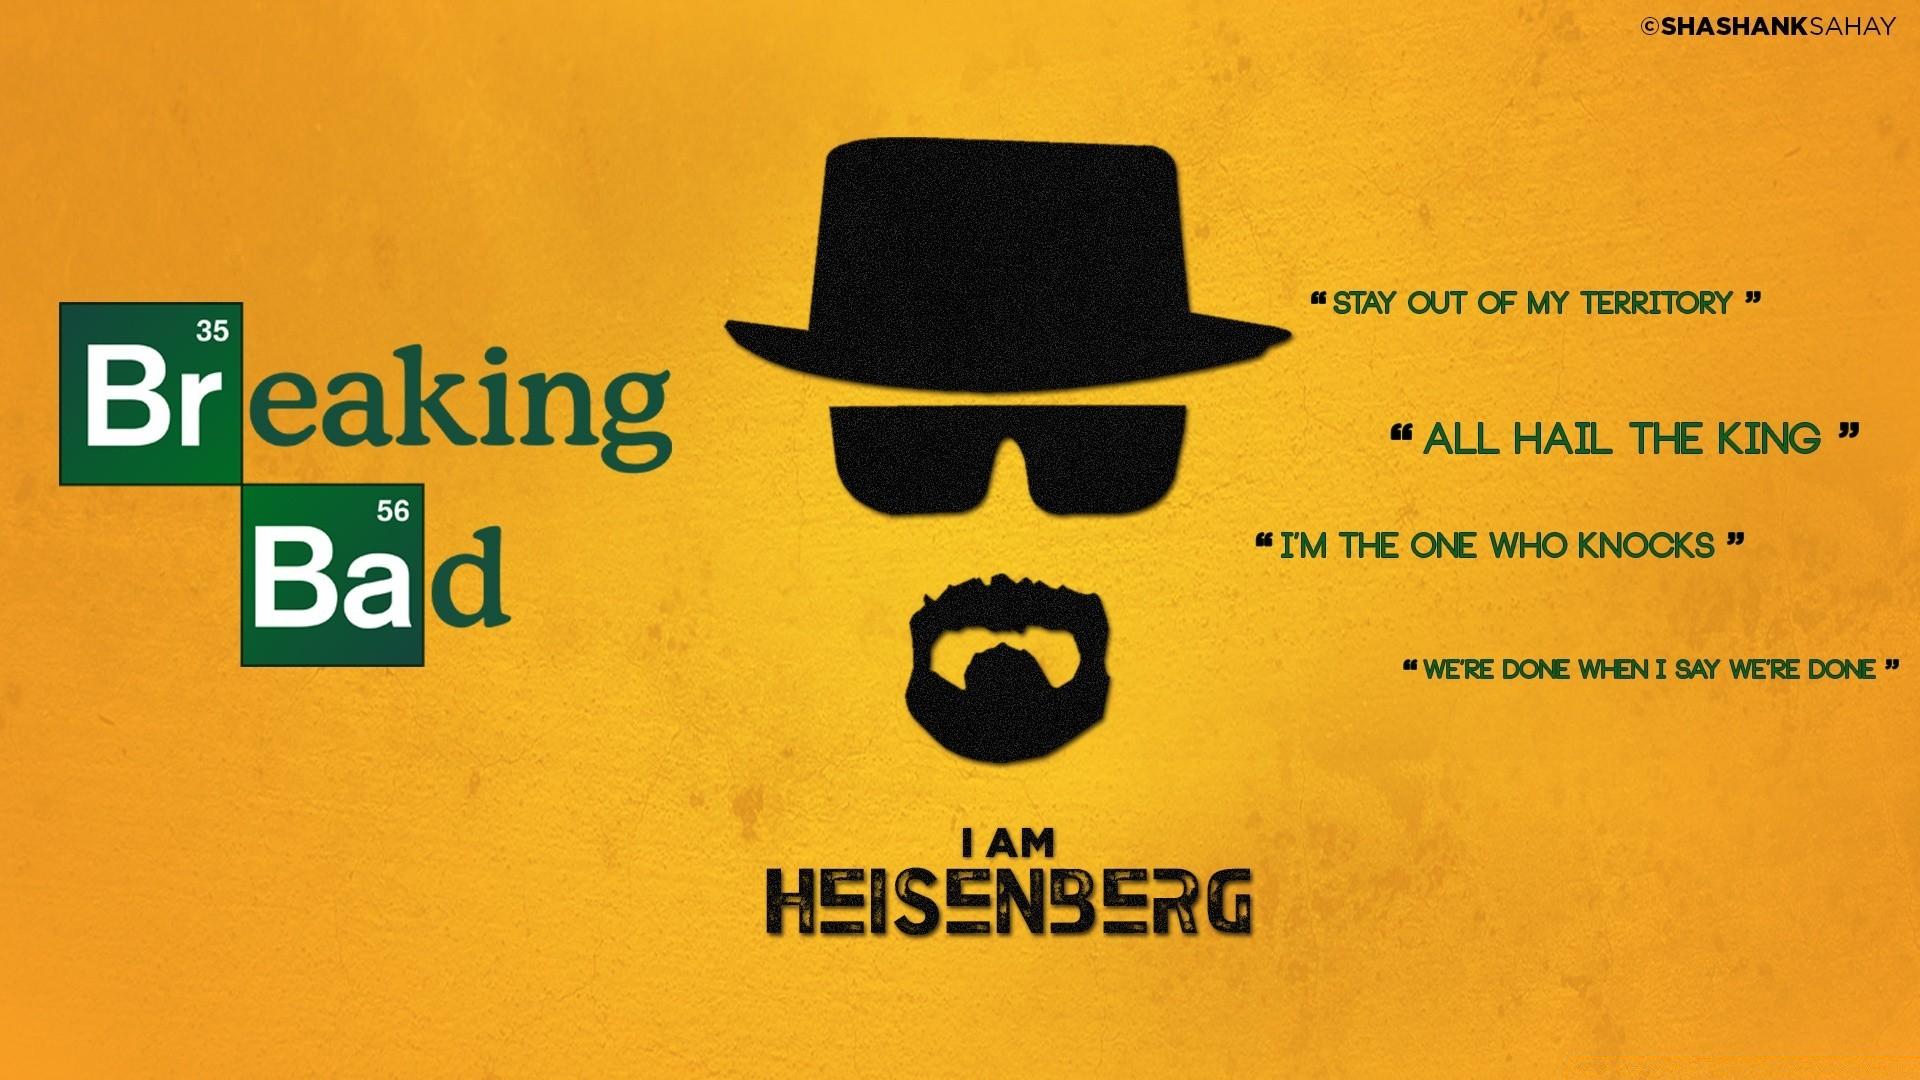 heisenberg breaking bad. iphone wallpapers for free.